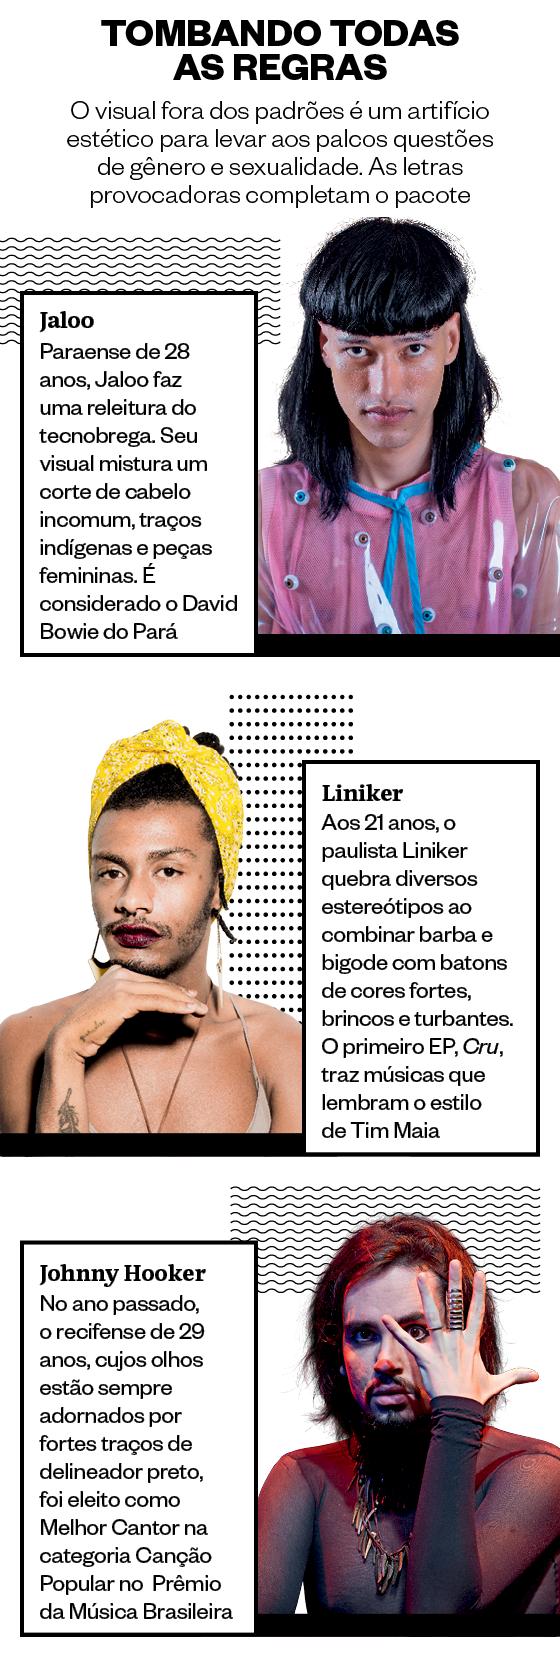 Tombando todas as regras (Foto: Andre Lessa/Folhapress, Lucas Lima/ UOL/Folhapress, Guito Moreto/Ag. O Globo)